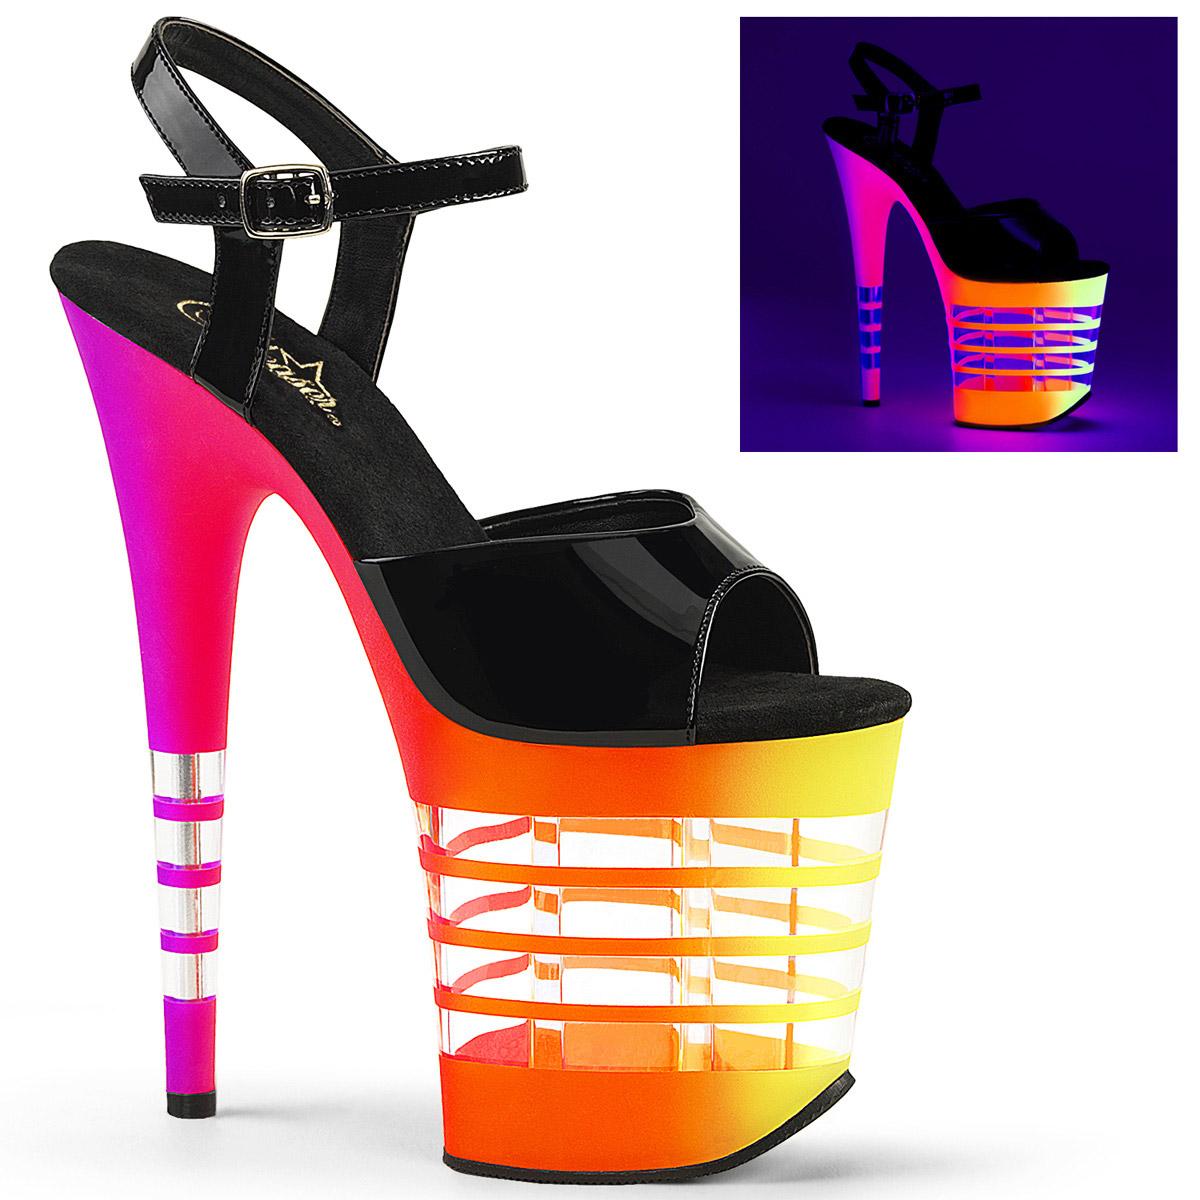 Pleaser 8  Heel Heel Heel 4  Lined Neon UV Reactive B Women Sandals Blk Pat Neon-UVLN a0c592